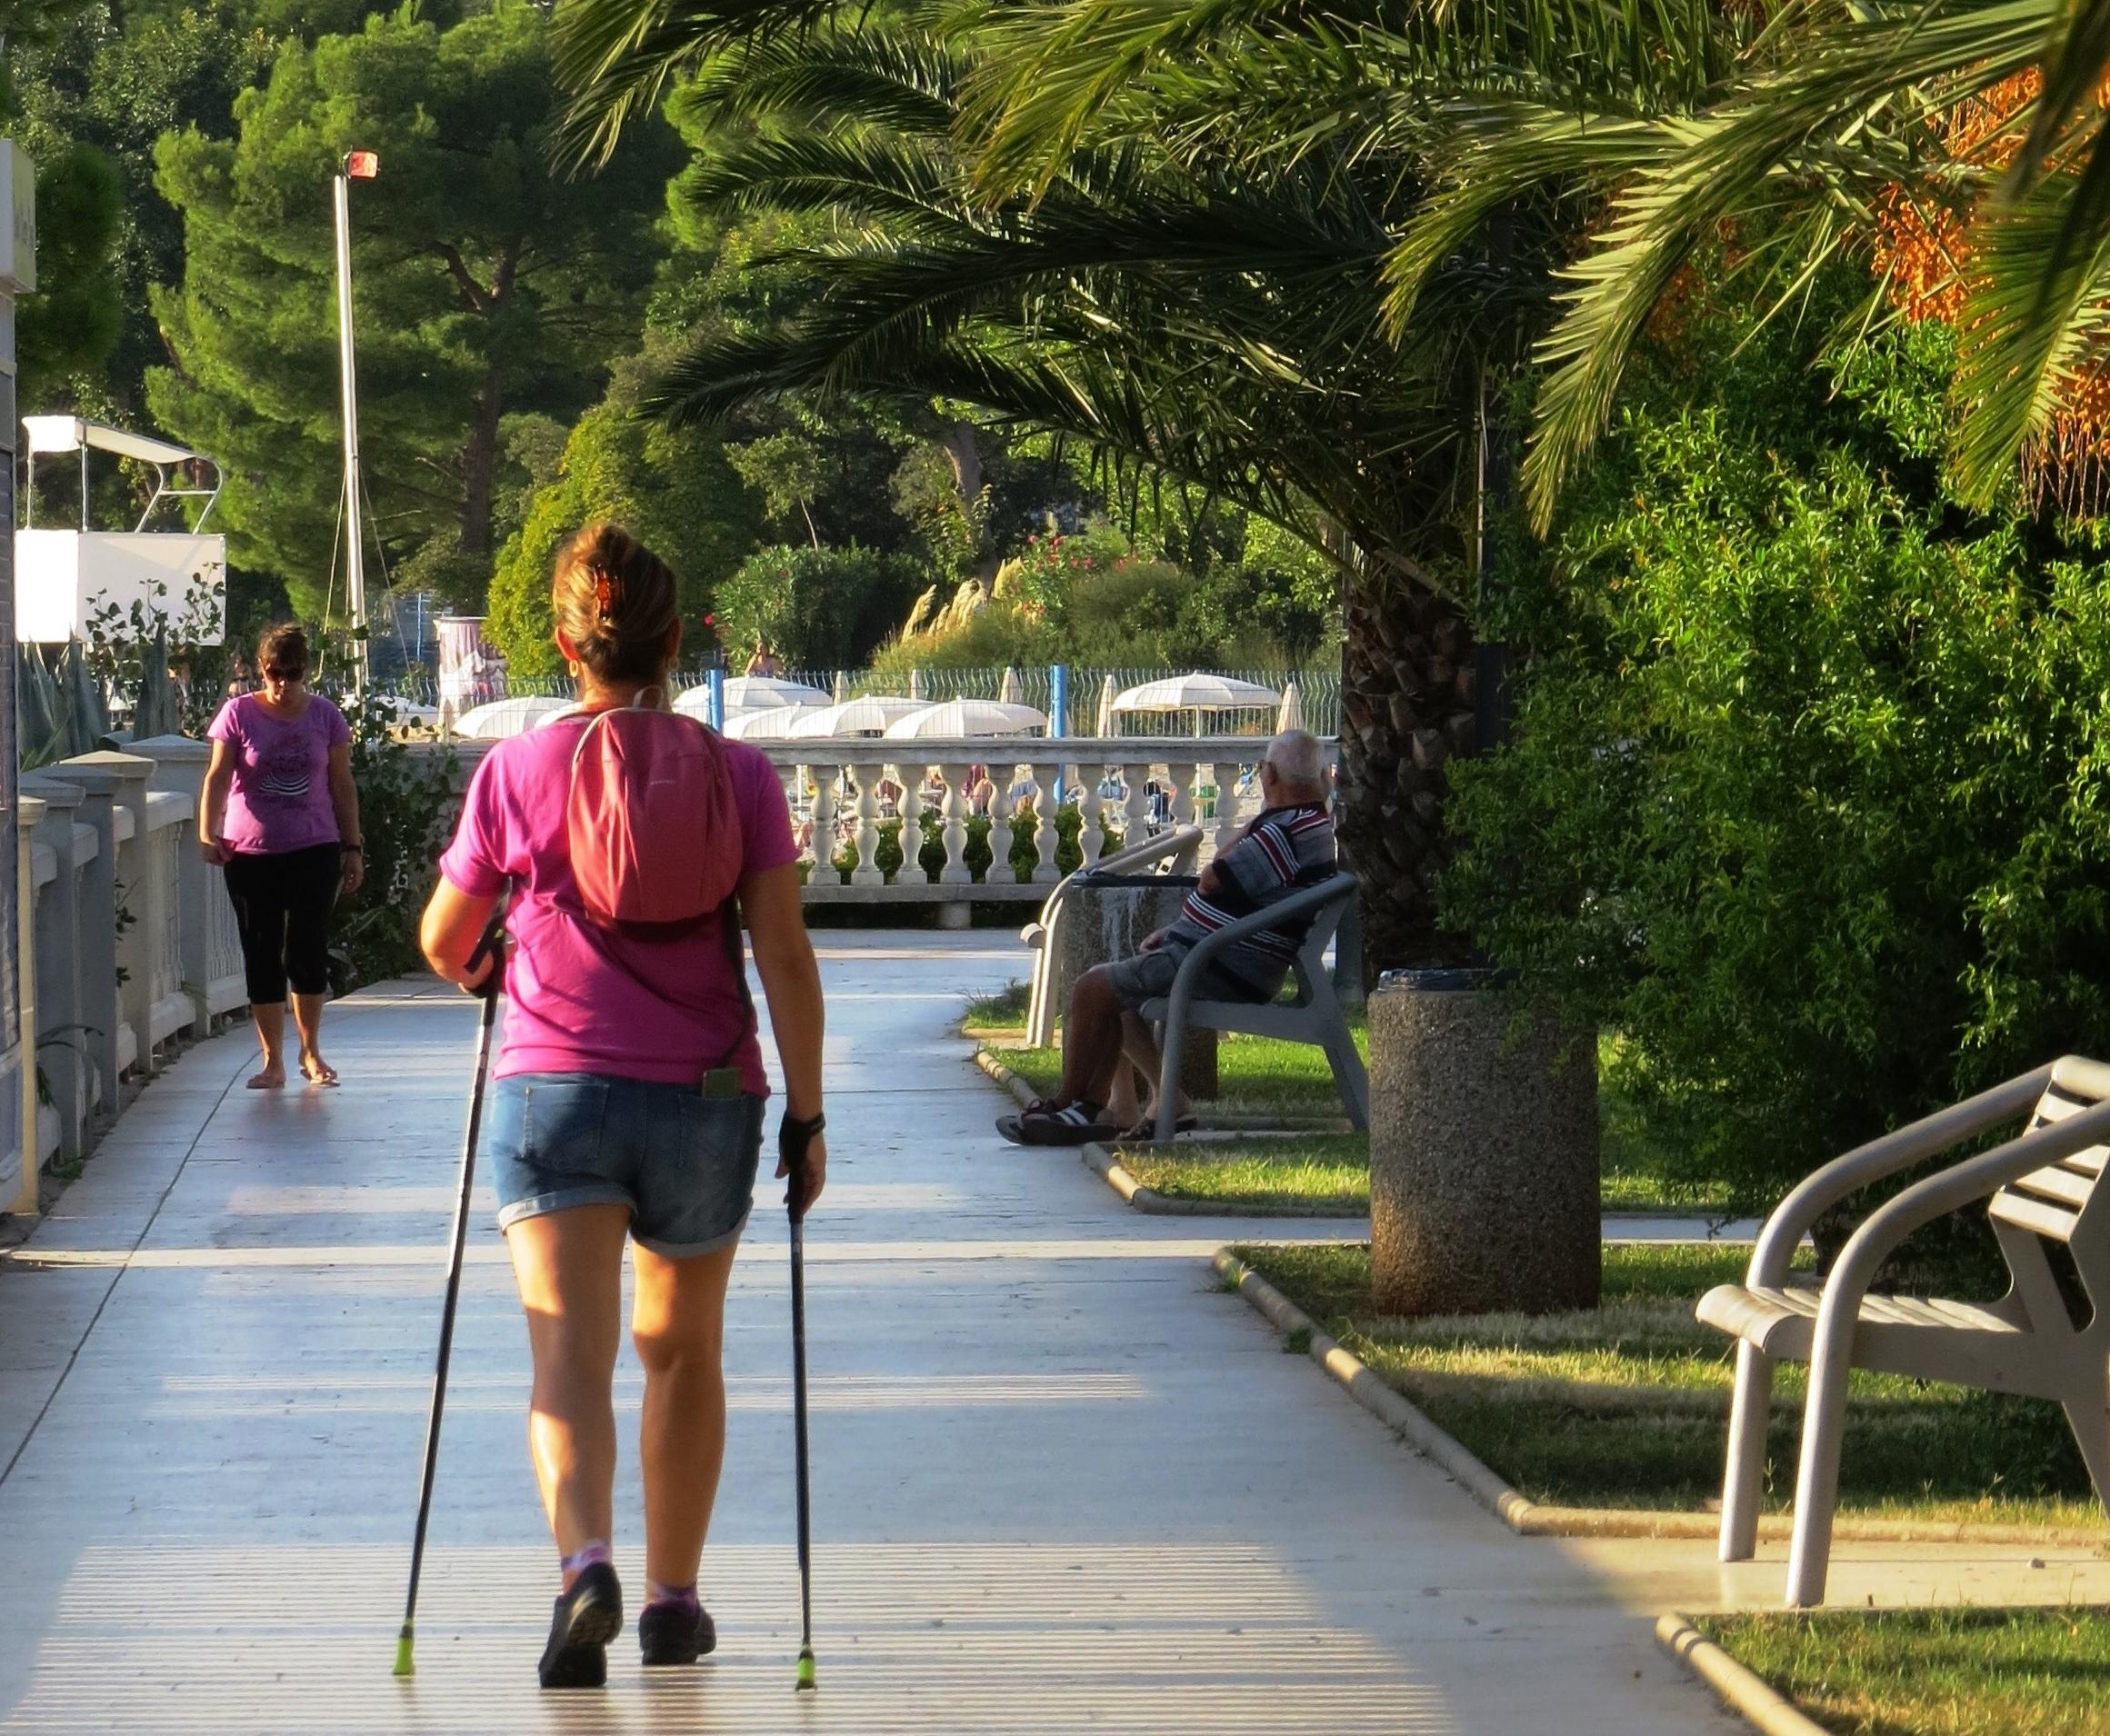 Pandemija COVID-19 povećala je potražnju za zdravstvenim turizmom / Foto S. BAKIĆ